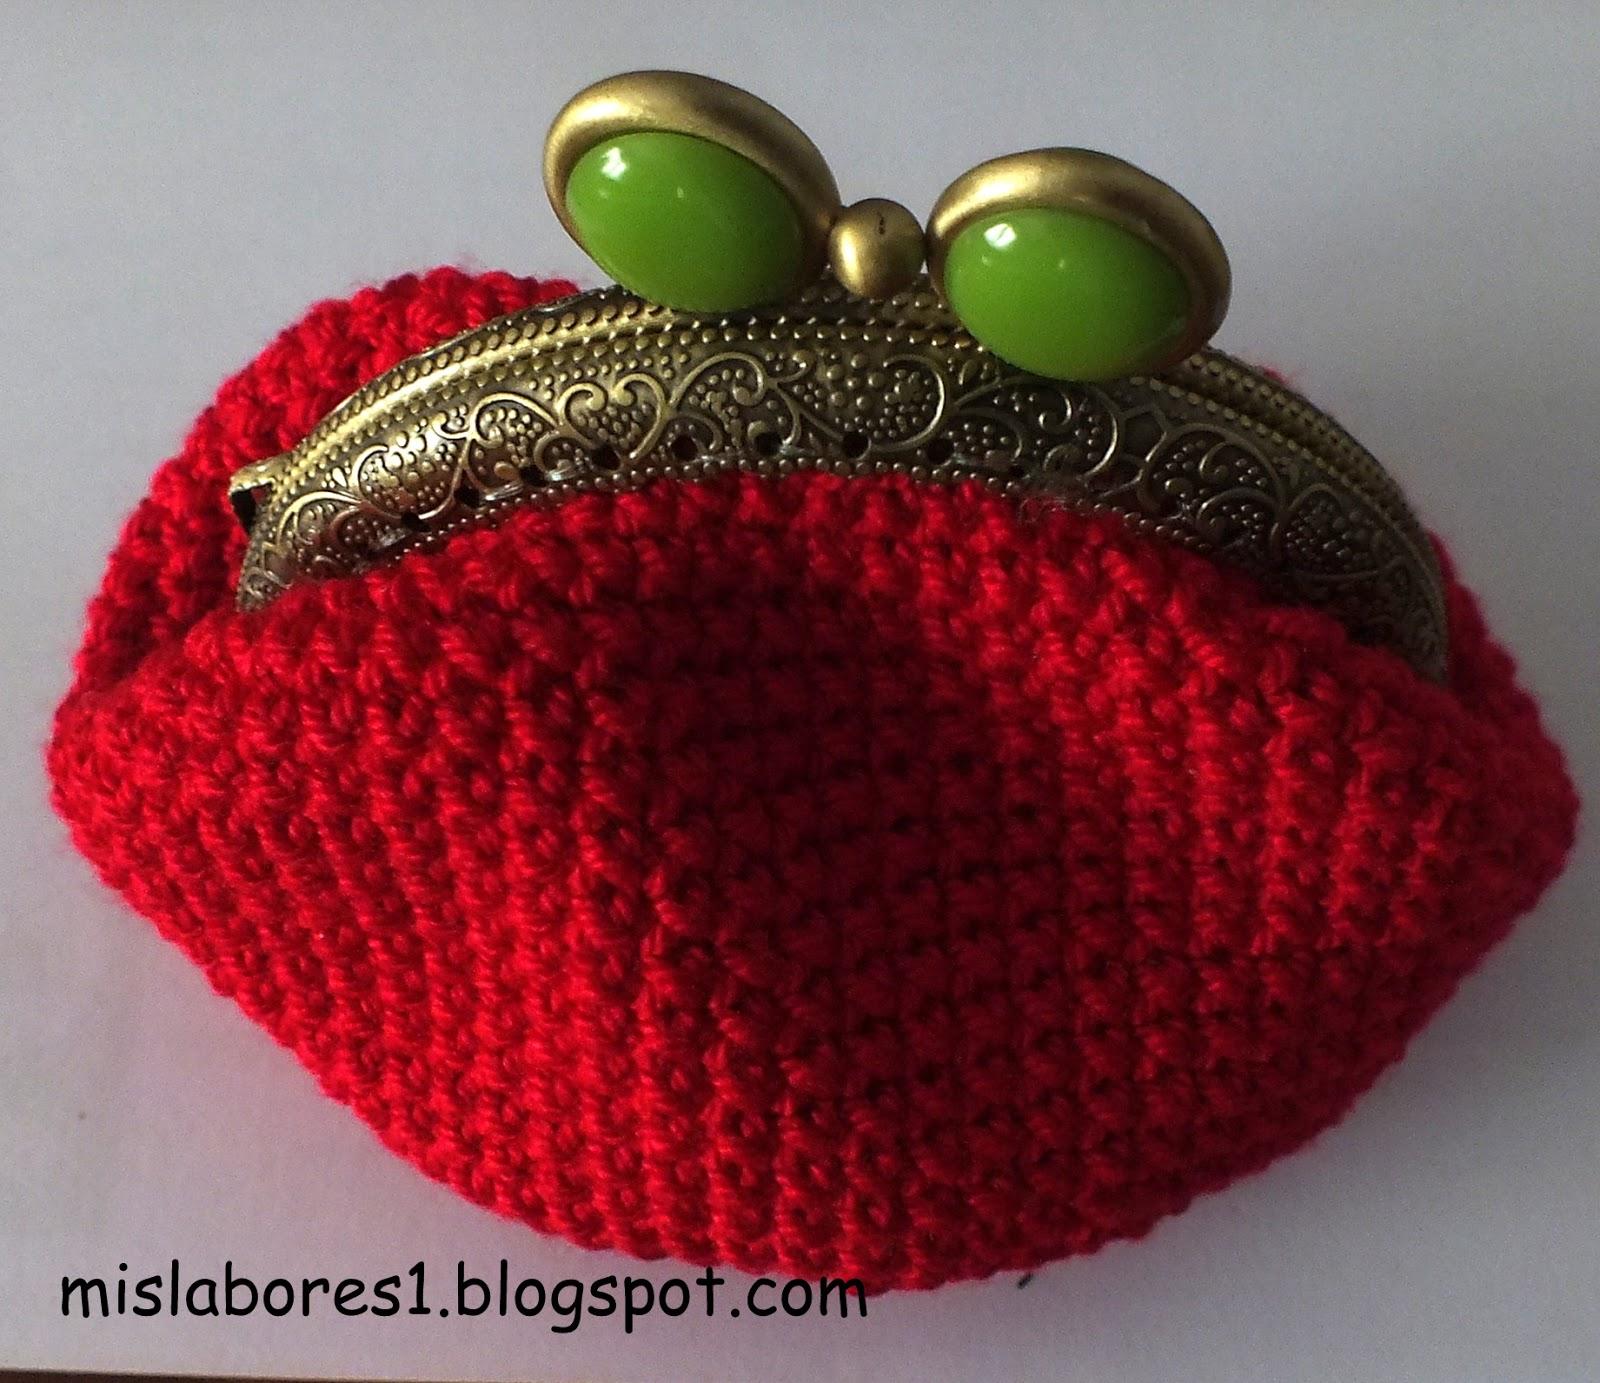 Mis labores monedero de ganchillo con boquilla redonda for Monedero ganchillo boquilla ovalada